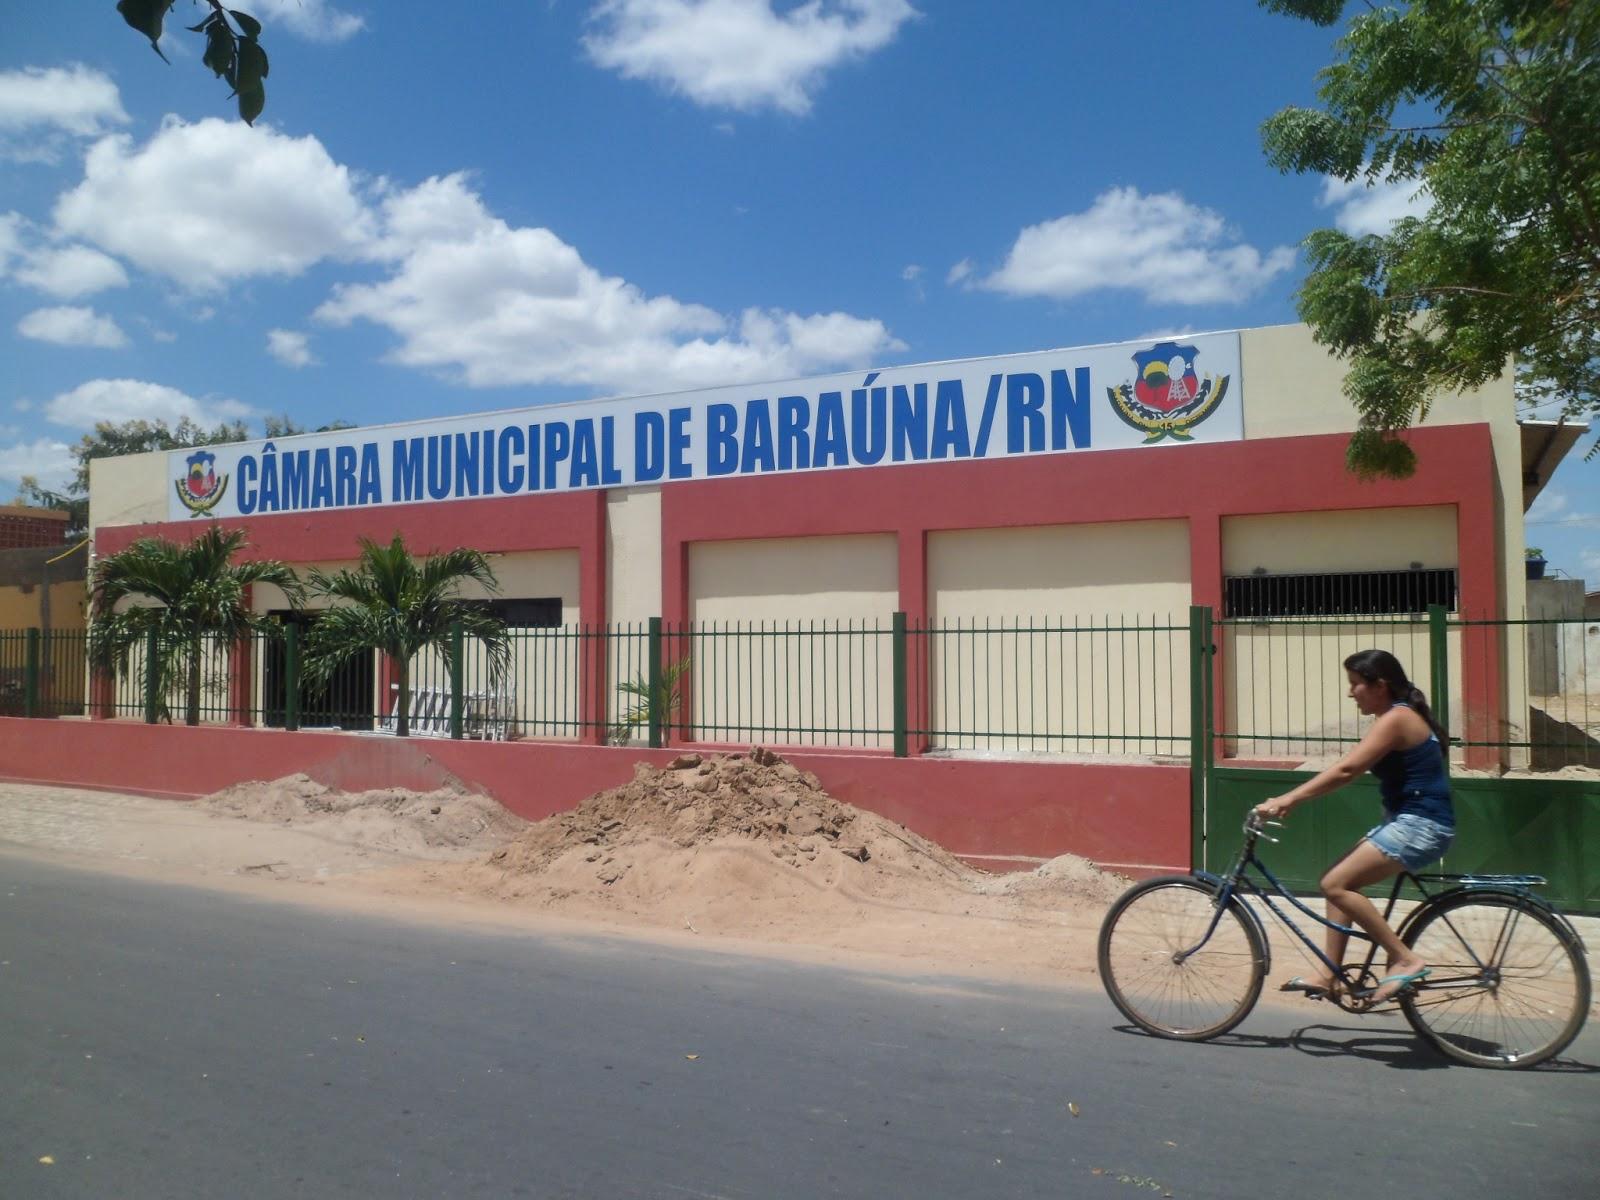 Resultado de imagem para camara municipal de barauna rn